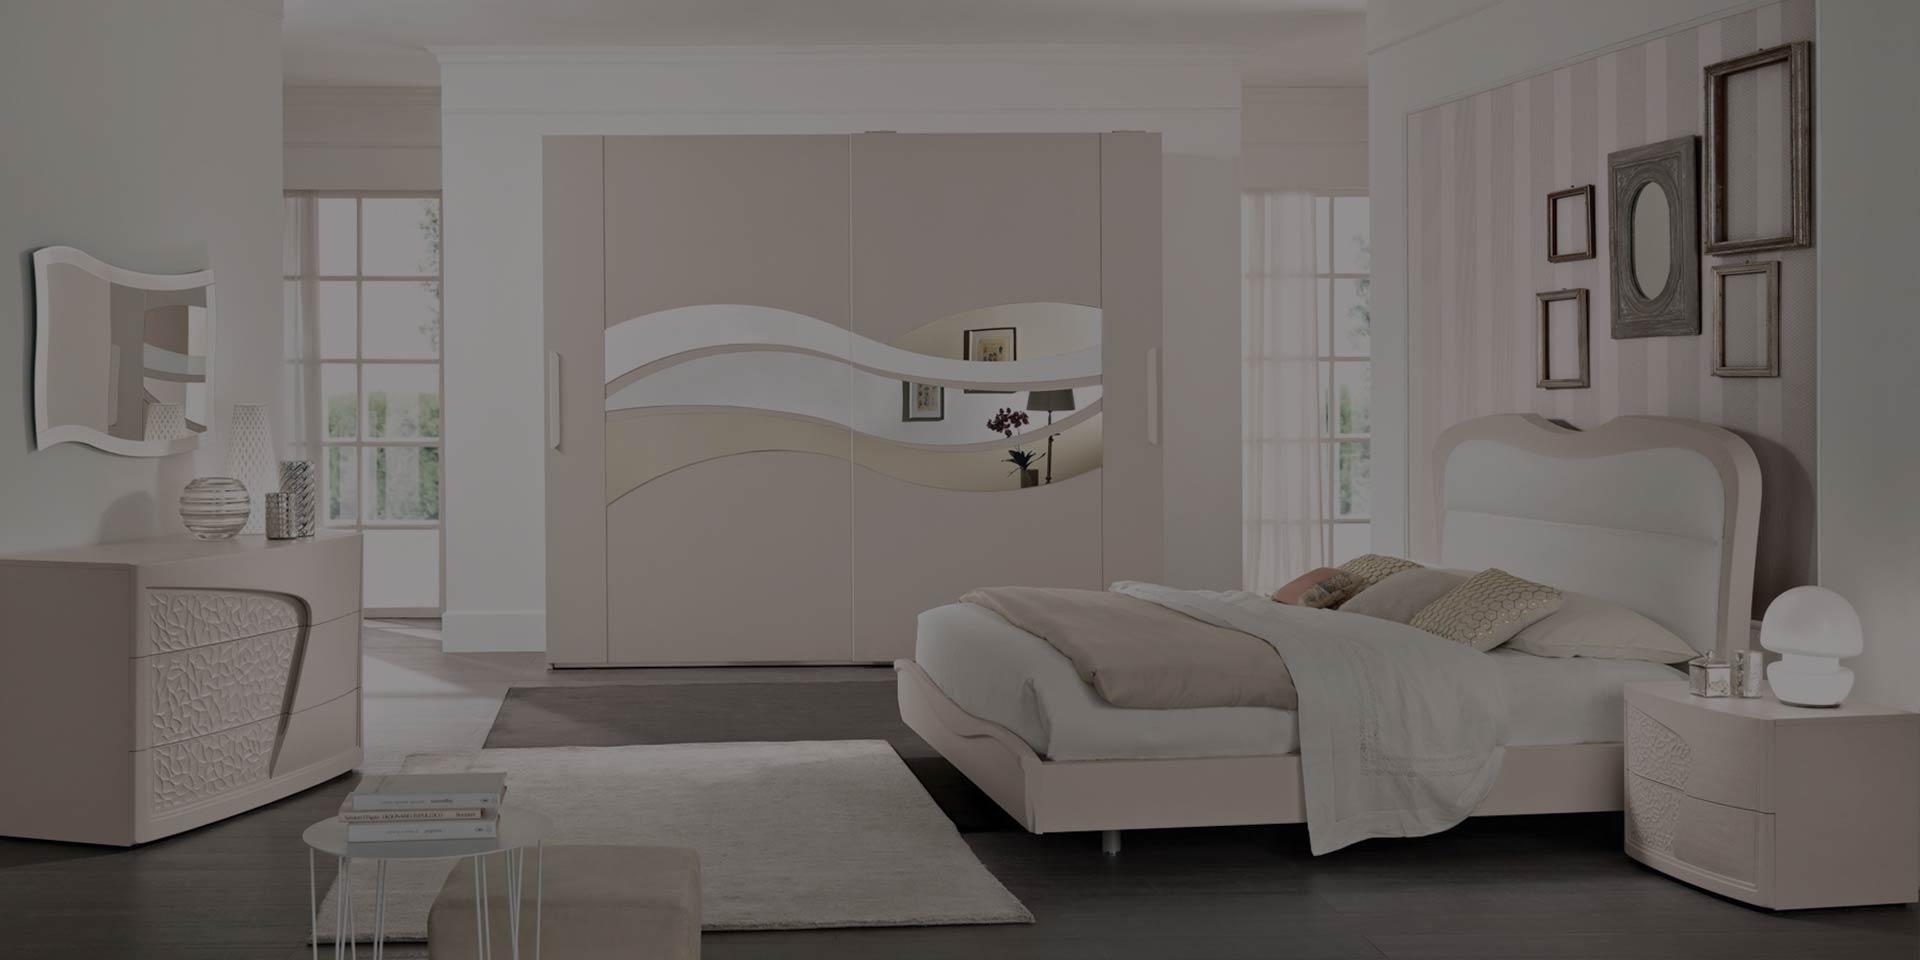 Arredamento camera da letto modello prestige spar - Specchi particolari per camera da letto ...